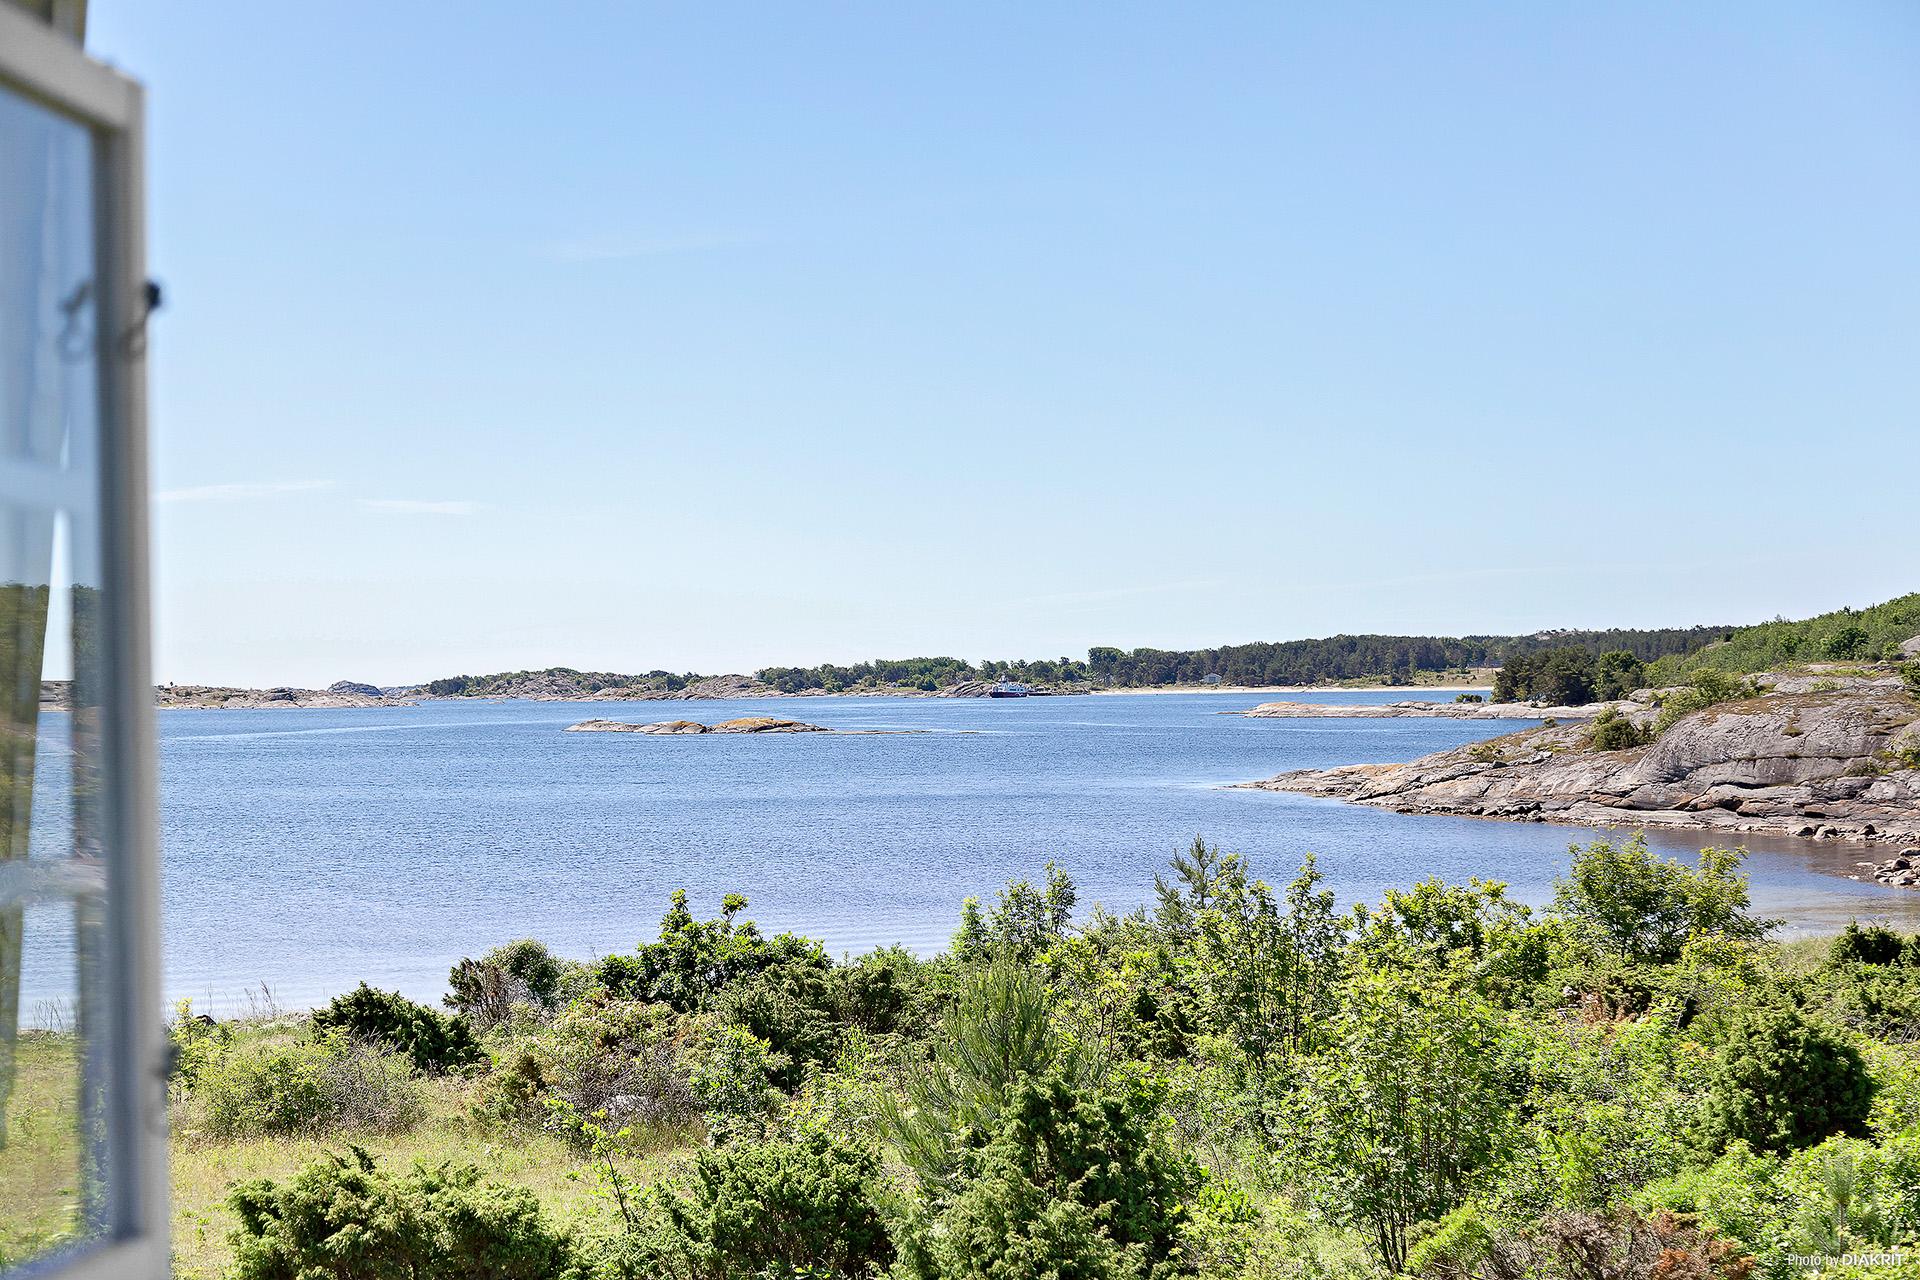 Utsikten från vardagsrummet mot Kilesand strand och inloppet till Ekenäs hamn.